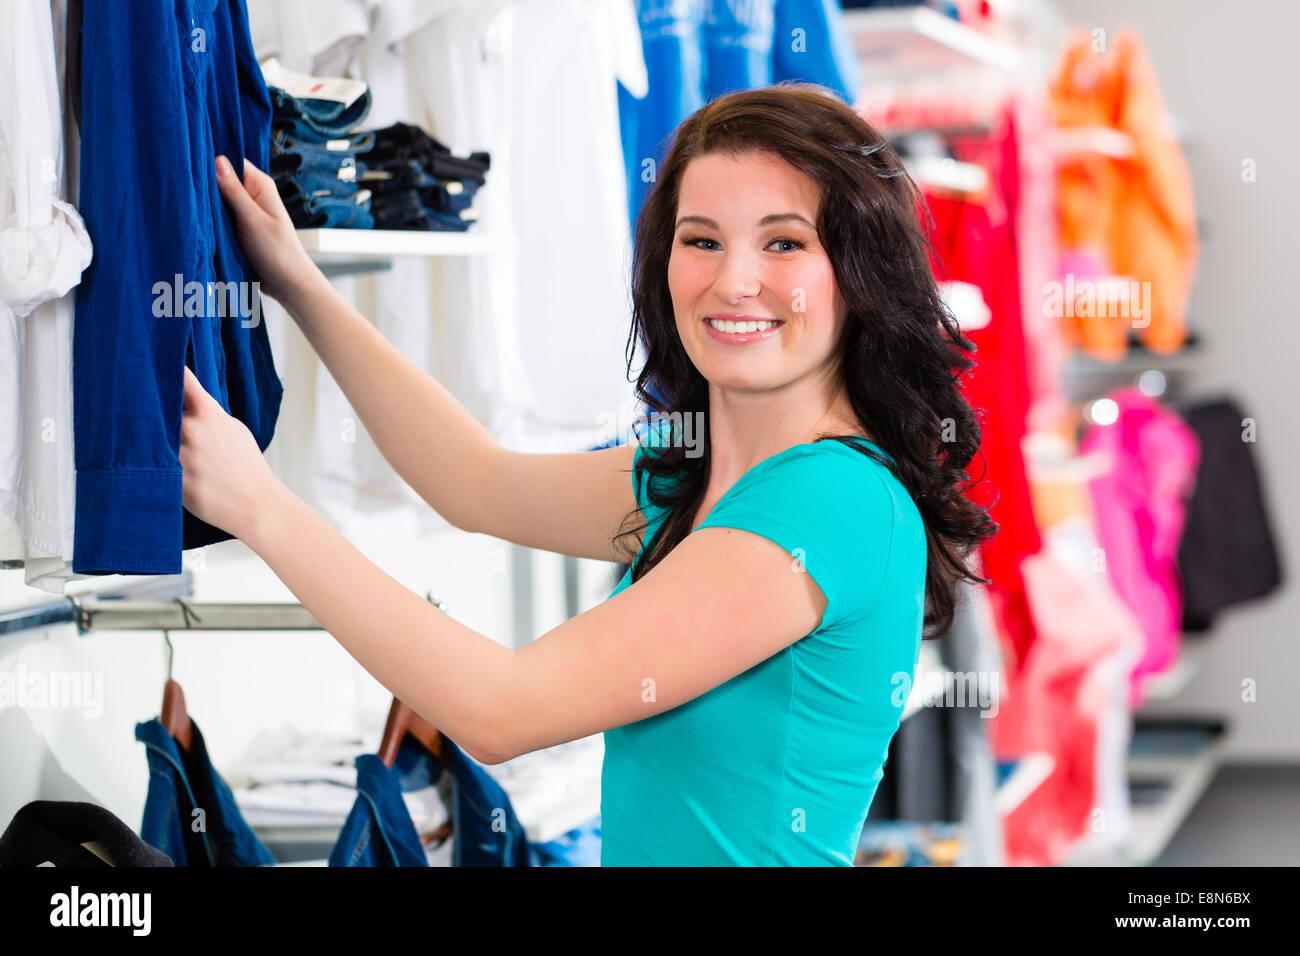 dd8635fd67 Mujer comprando ropa en la tienda o tienda de moda Foto   Imagen De ...